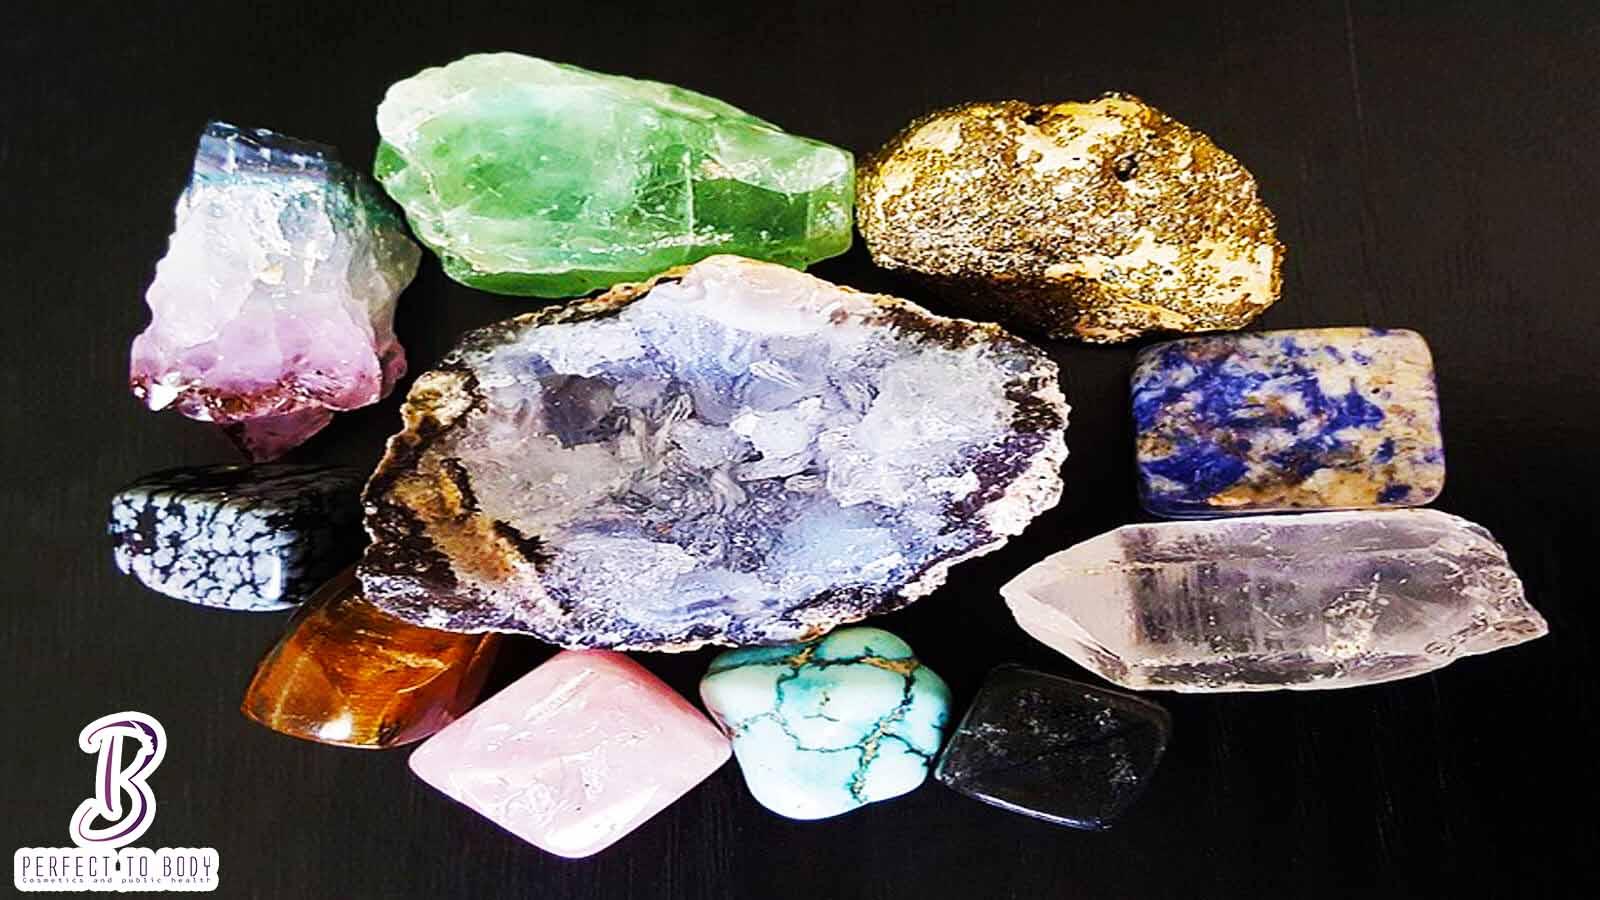 ما هى أسماء الأحجار الكريمة وأبرز معانيها ؟